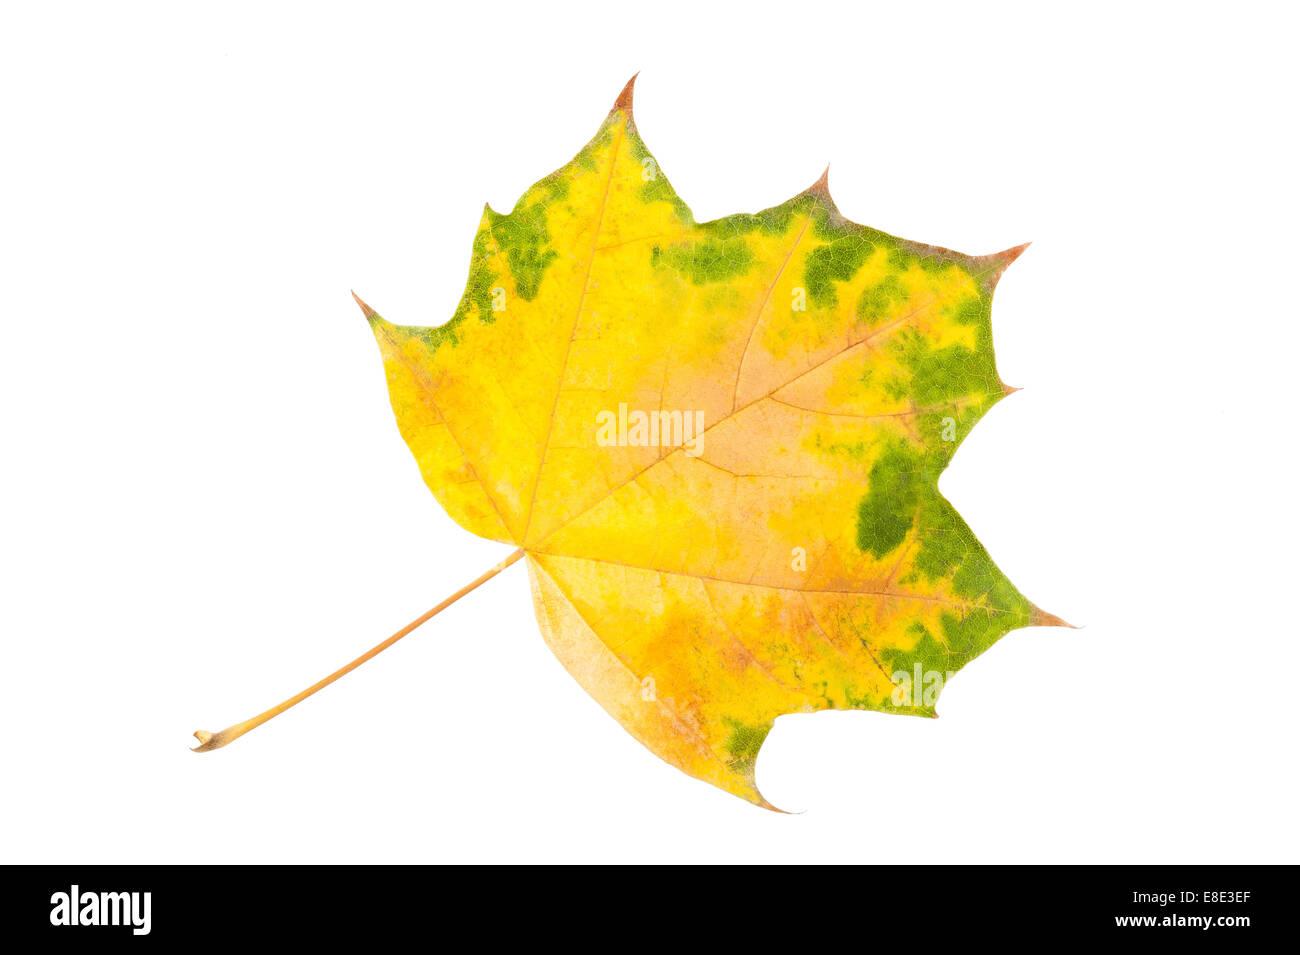 Maple leaf isolated on white - Stock Image